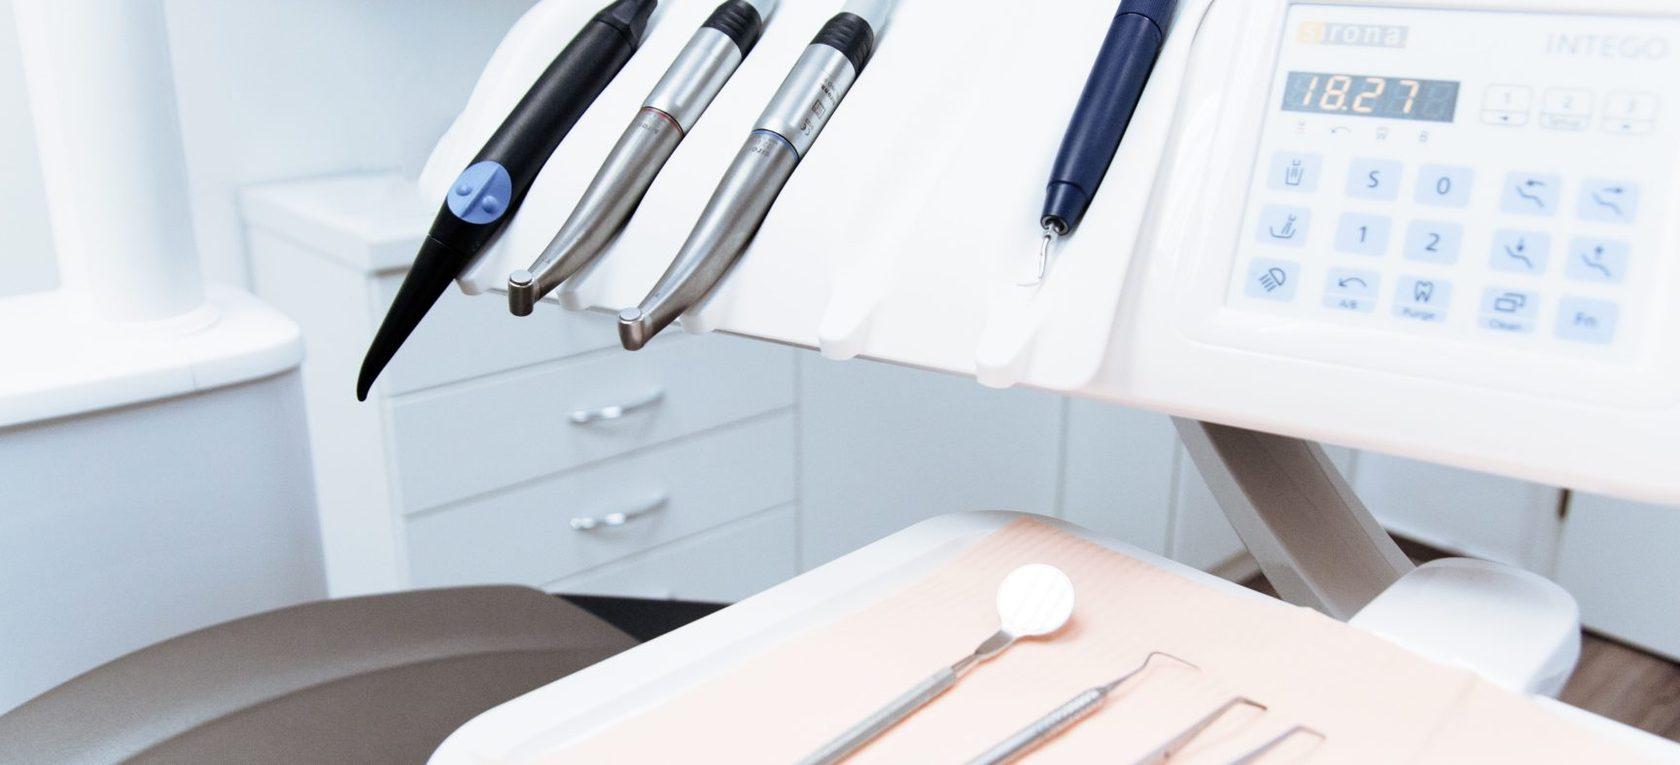 Рейтинг лучших зуботехнических микромоторов на 2020 год